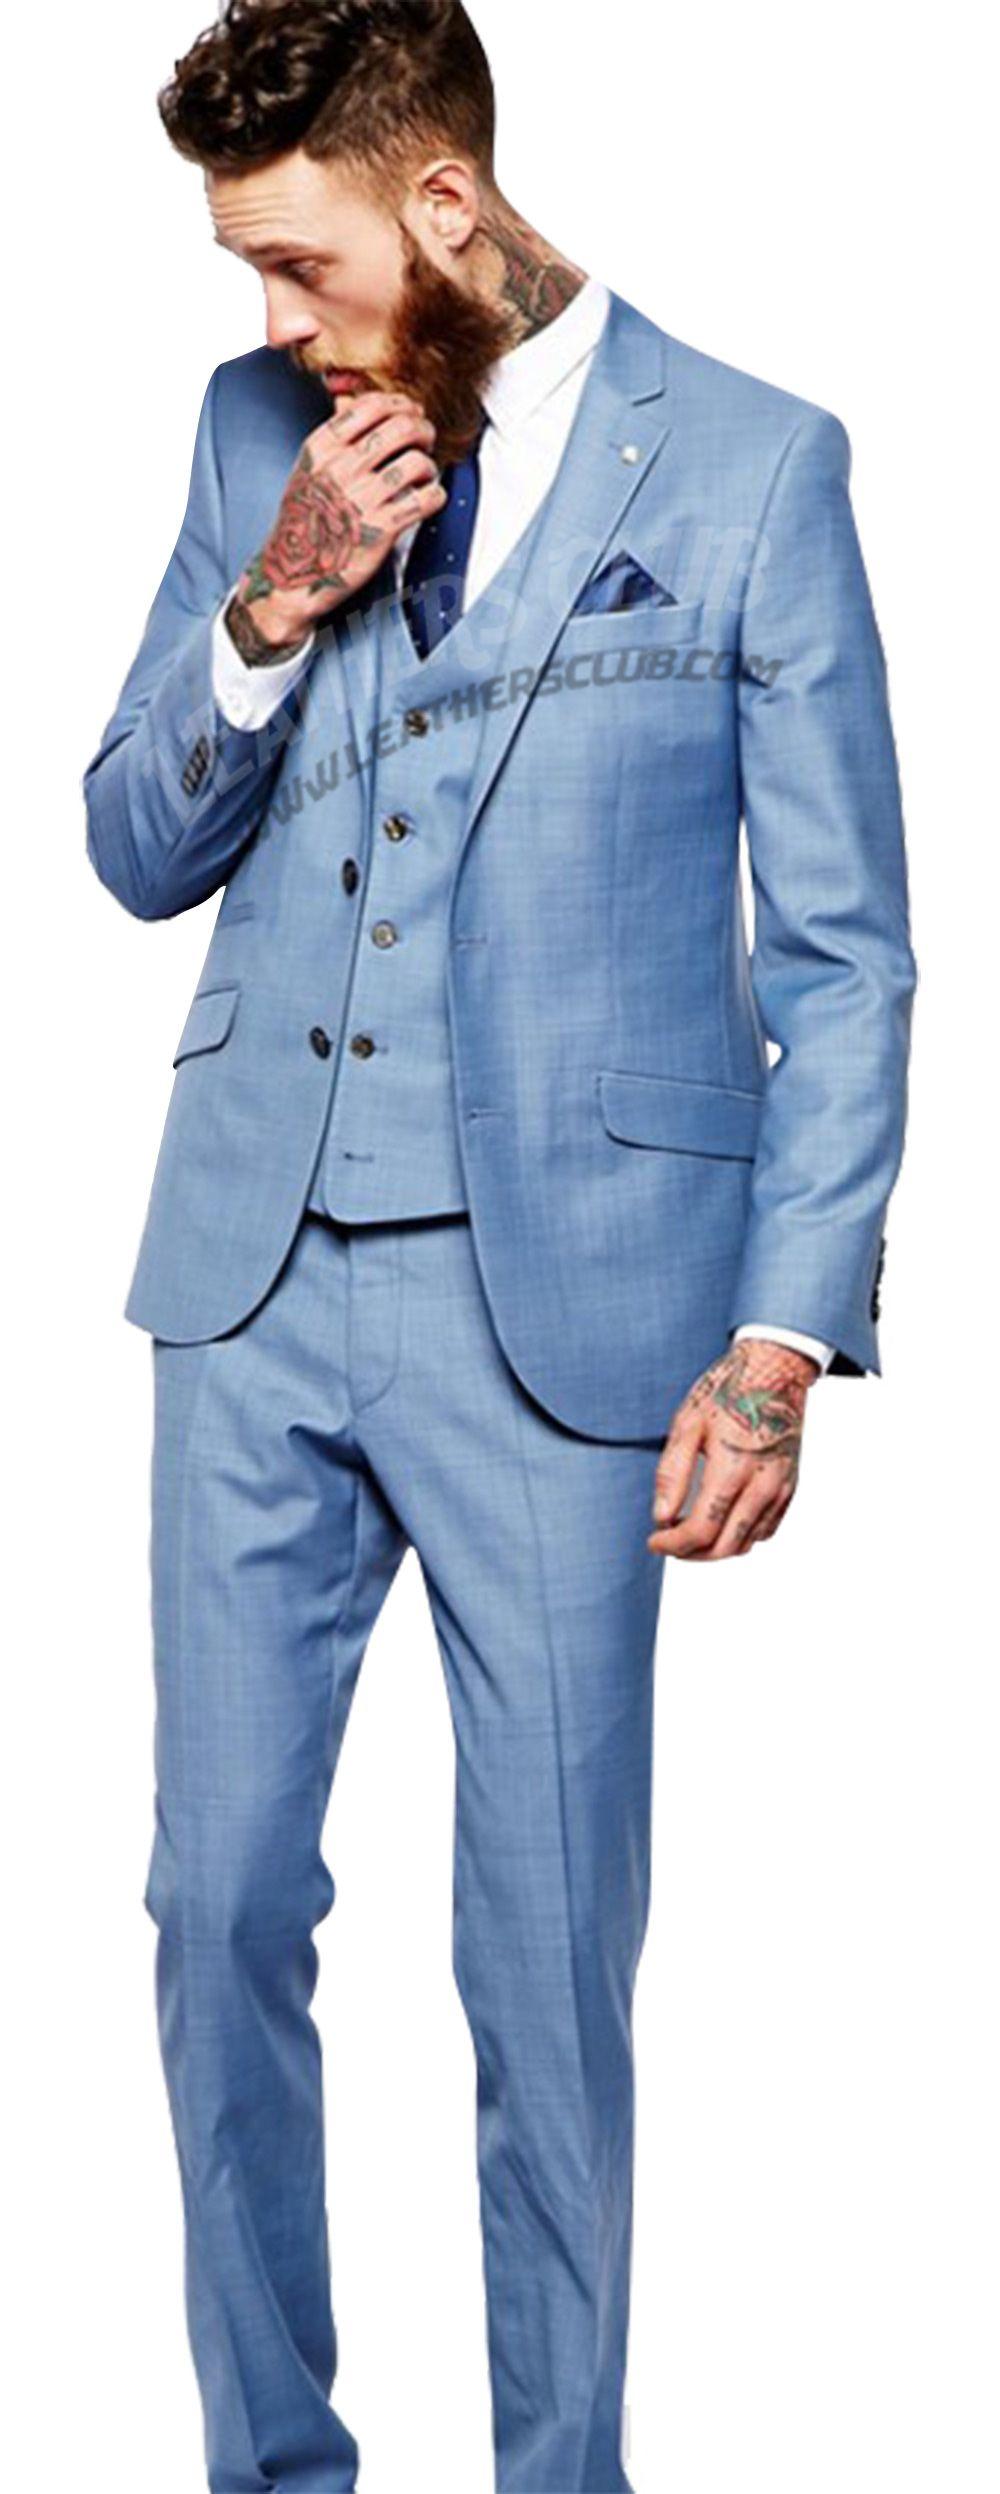 Classic Light Blue Fashion Suit | Classic Light Blue Fashion Suit ...